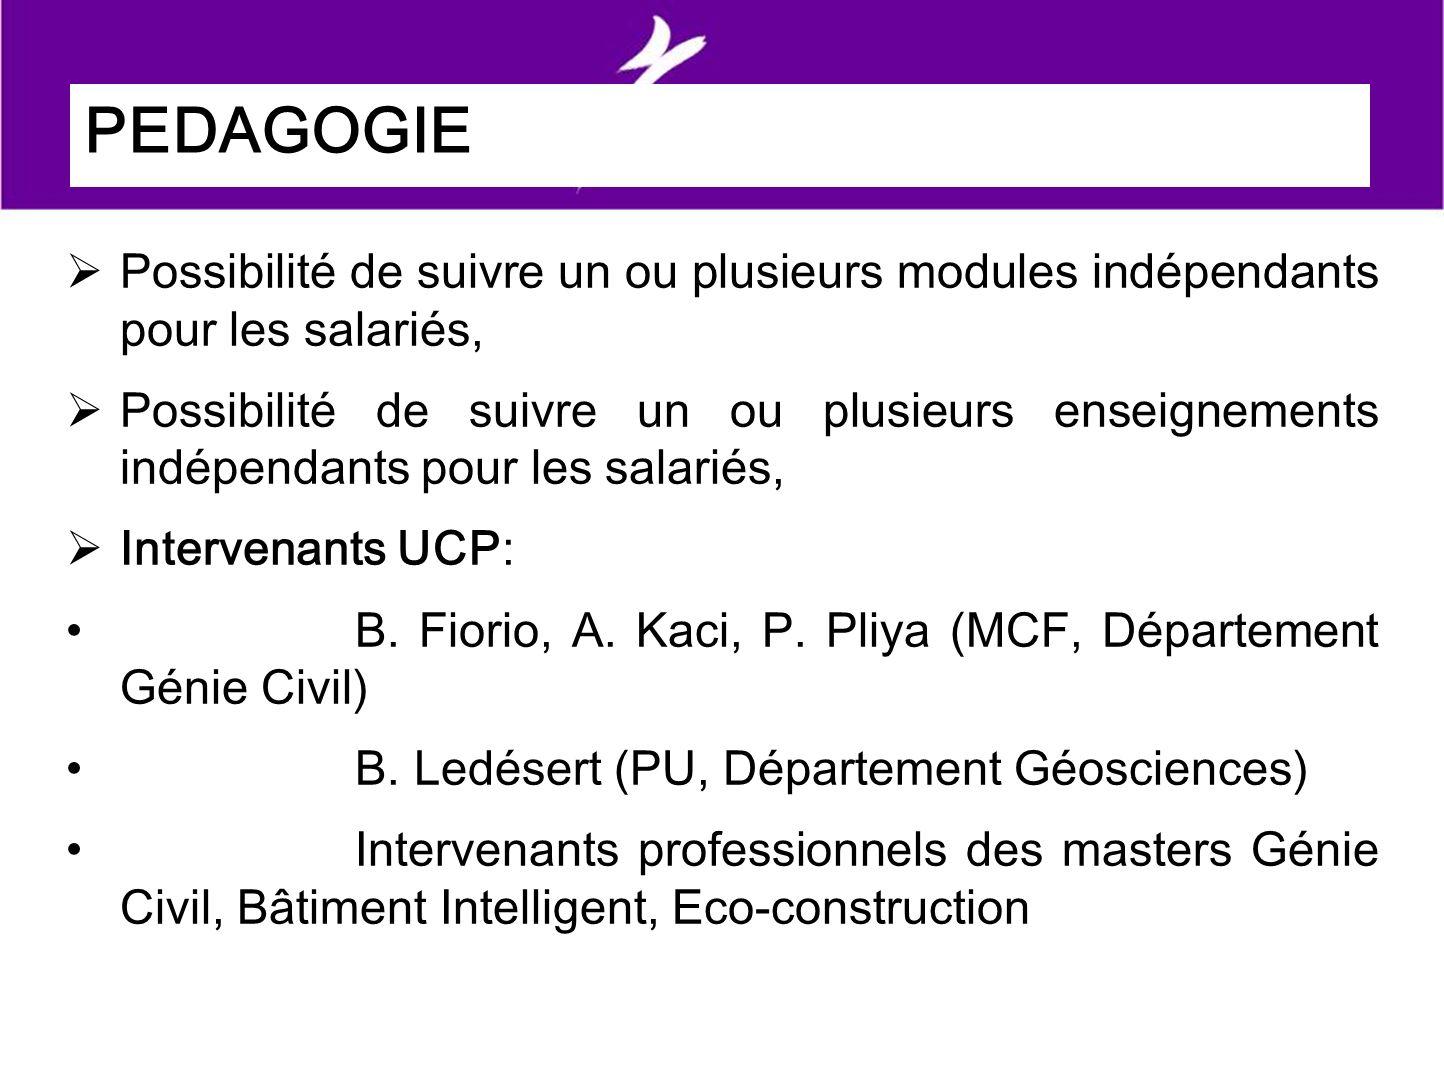 PEDAGOGIE Possibilité de suivre un ou plusieurs modules indépendants pour les salariés, Possibilité de suivre un ou plusieurs enseignements indépendants pour les salariés, Intervenants UCP: B.